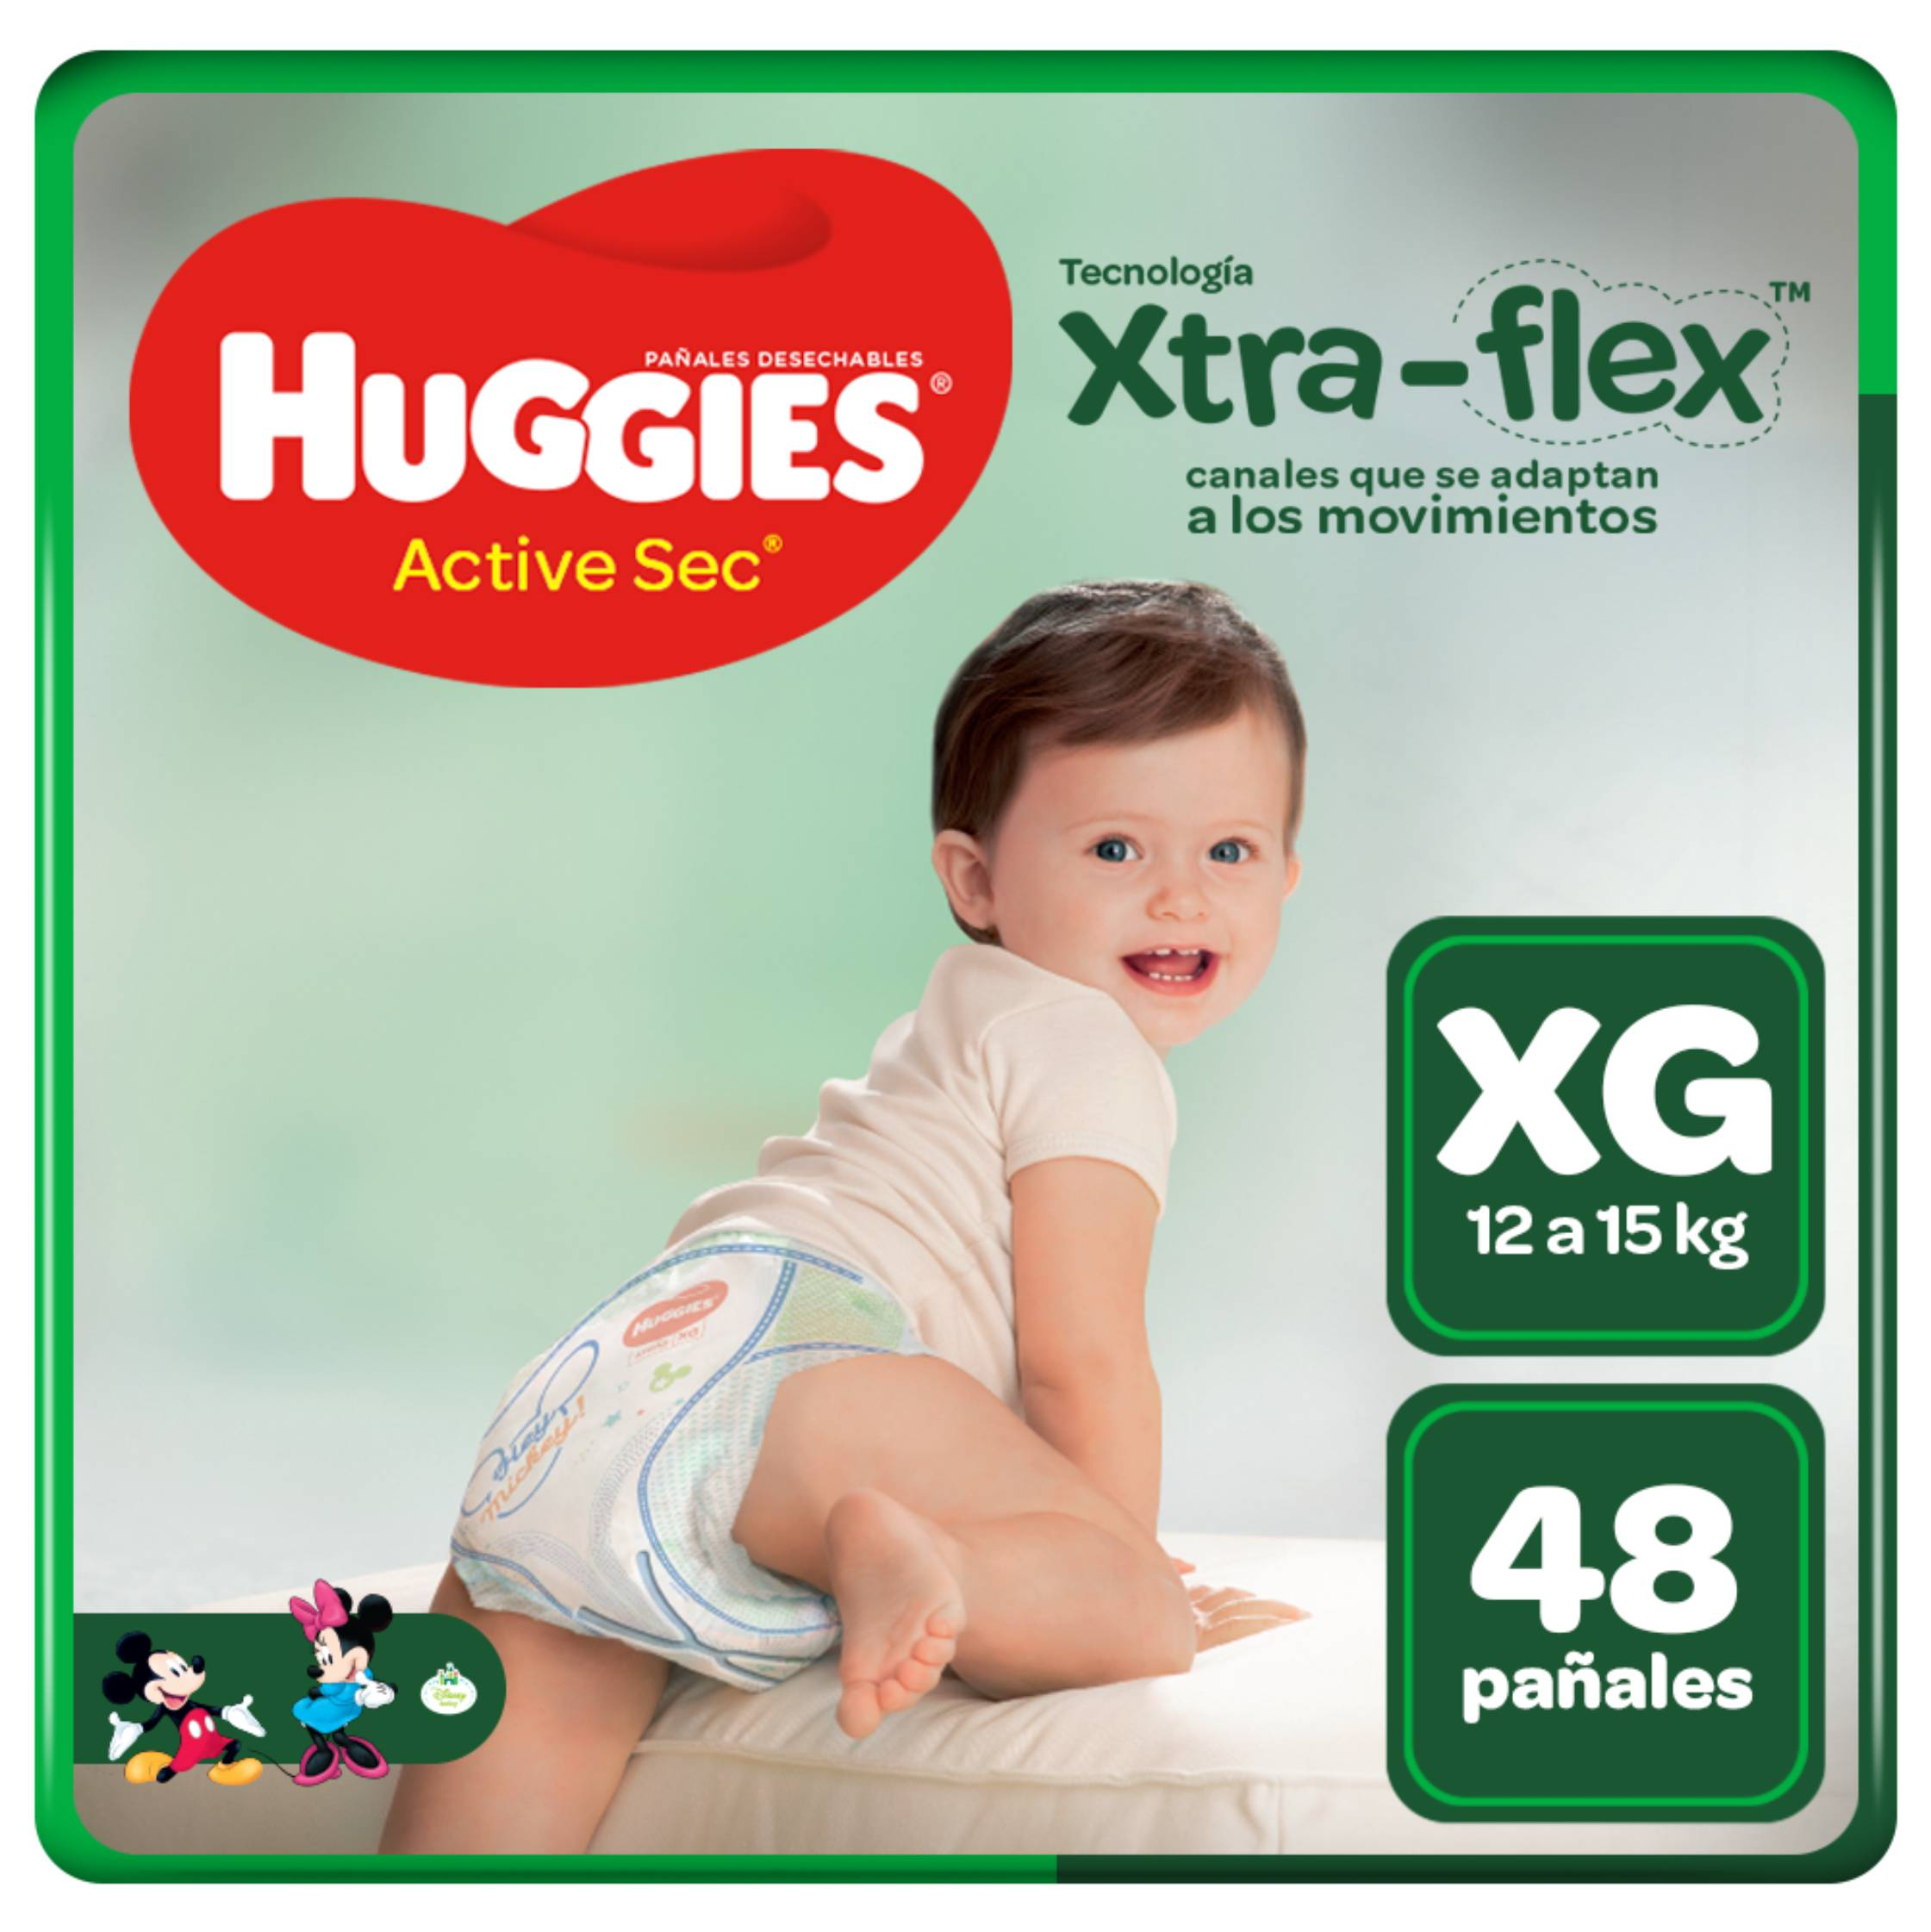 Pañales Huggies Active Sec Xtra Flex Talla XG - Bolsa 48 UN